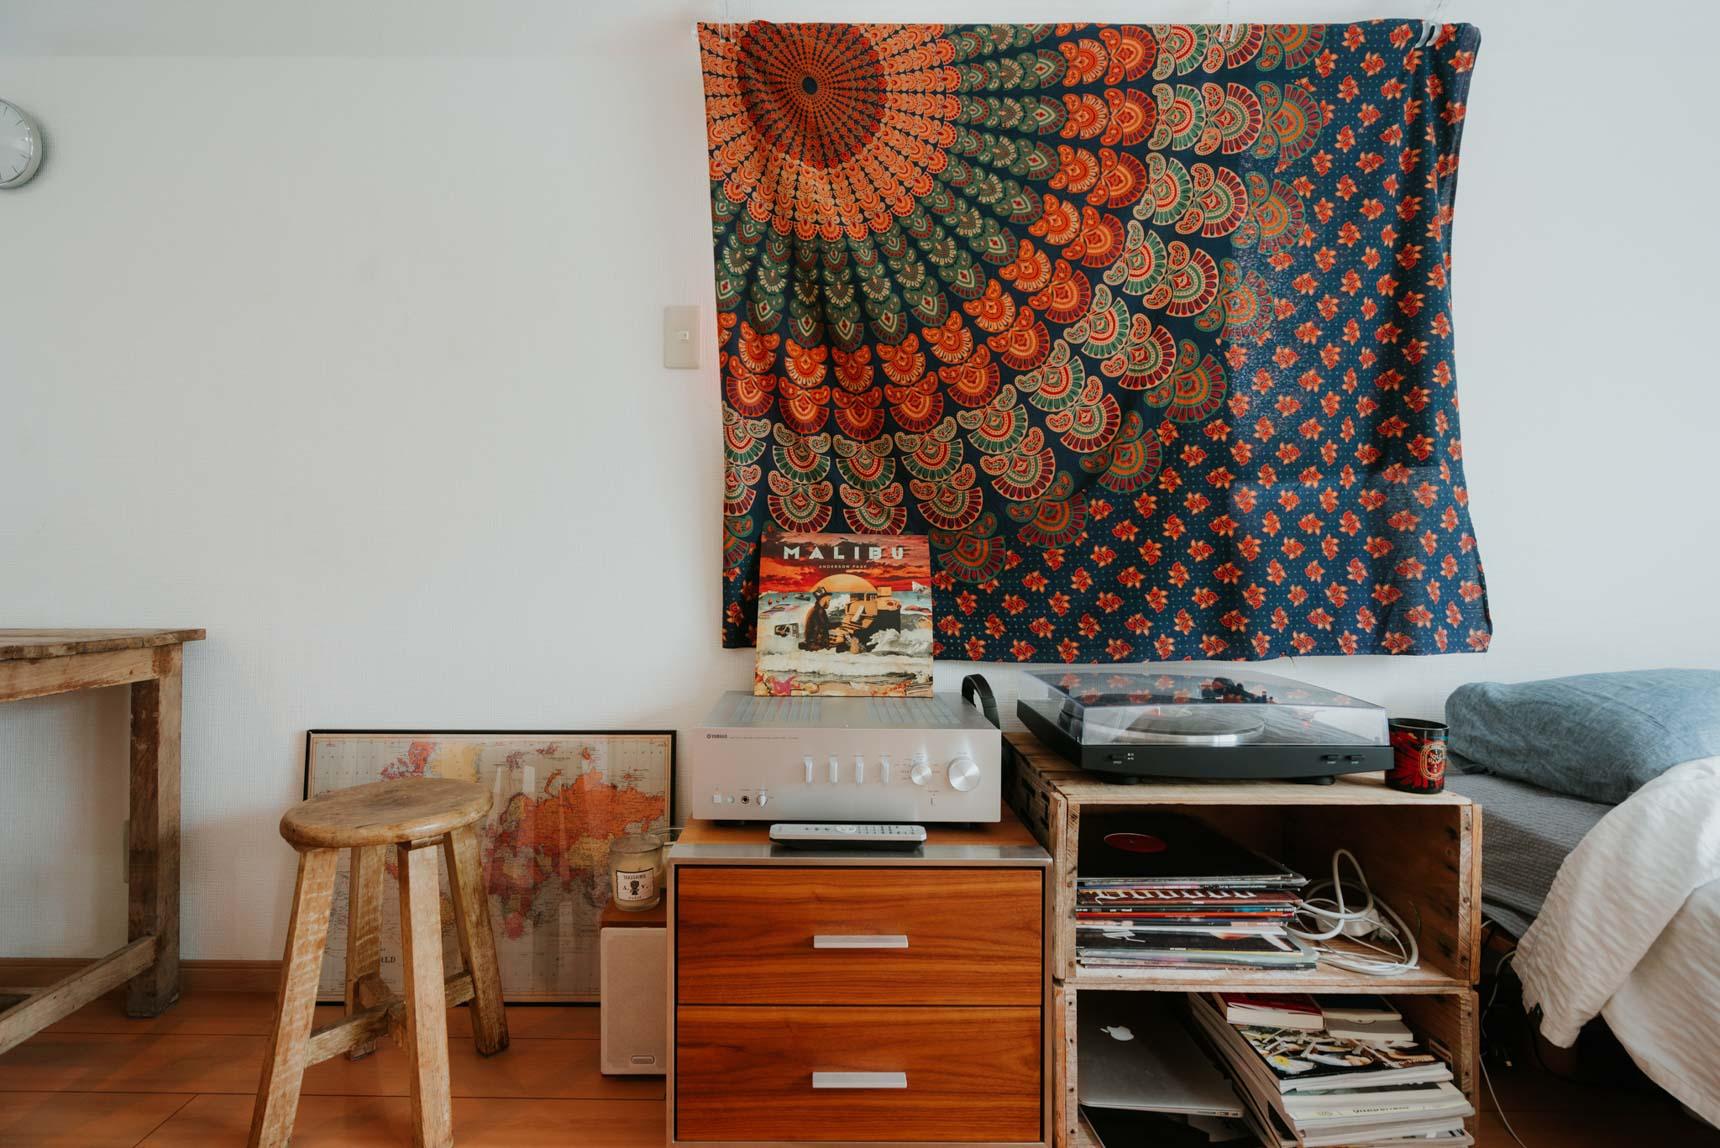 こちらは100円ショップで購入したカーテンクリップを活用して、窓に1枚の布をかけているだけ。お気に入りのカーテンがないときのアレンジ方法として使えそう!